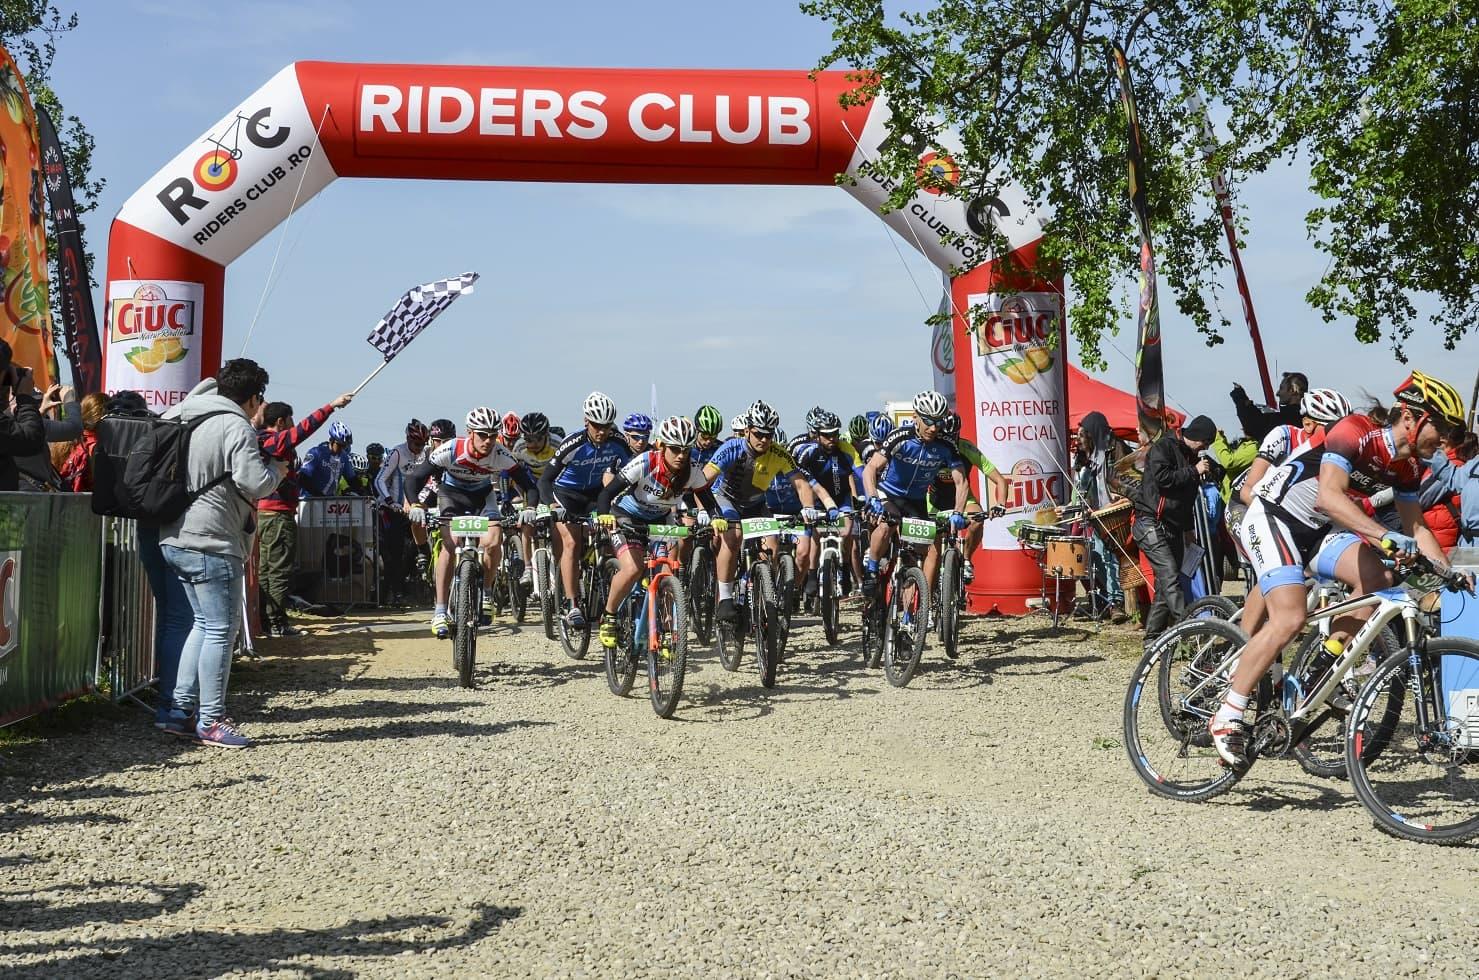 Ciclism în 2016: Riders Club anunță primele competiții